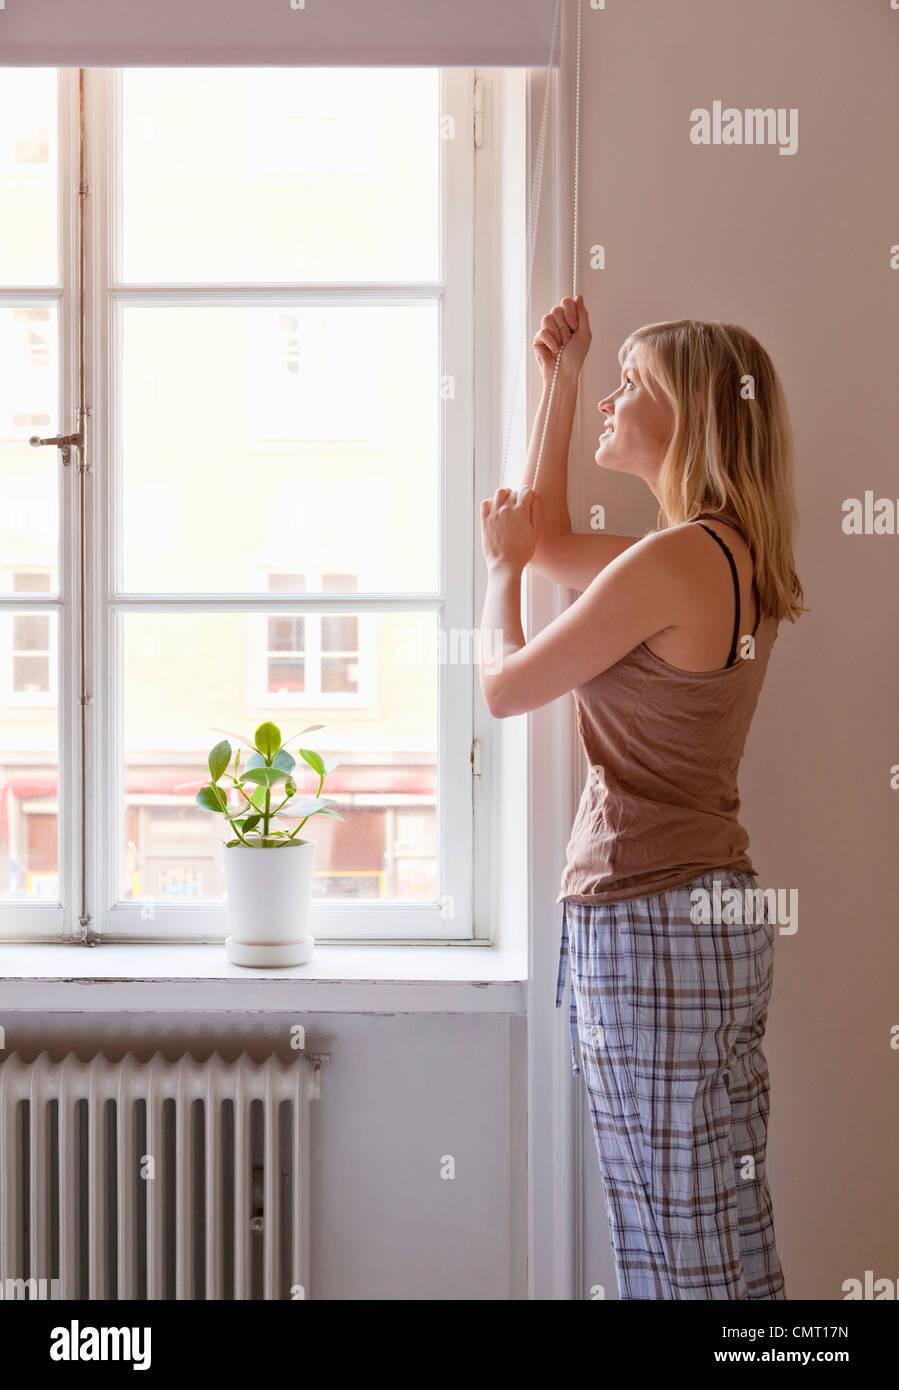 Frau zu öffnendes Fenster blind Stockbild